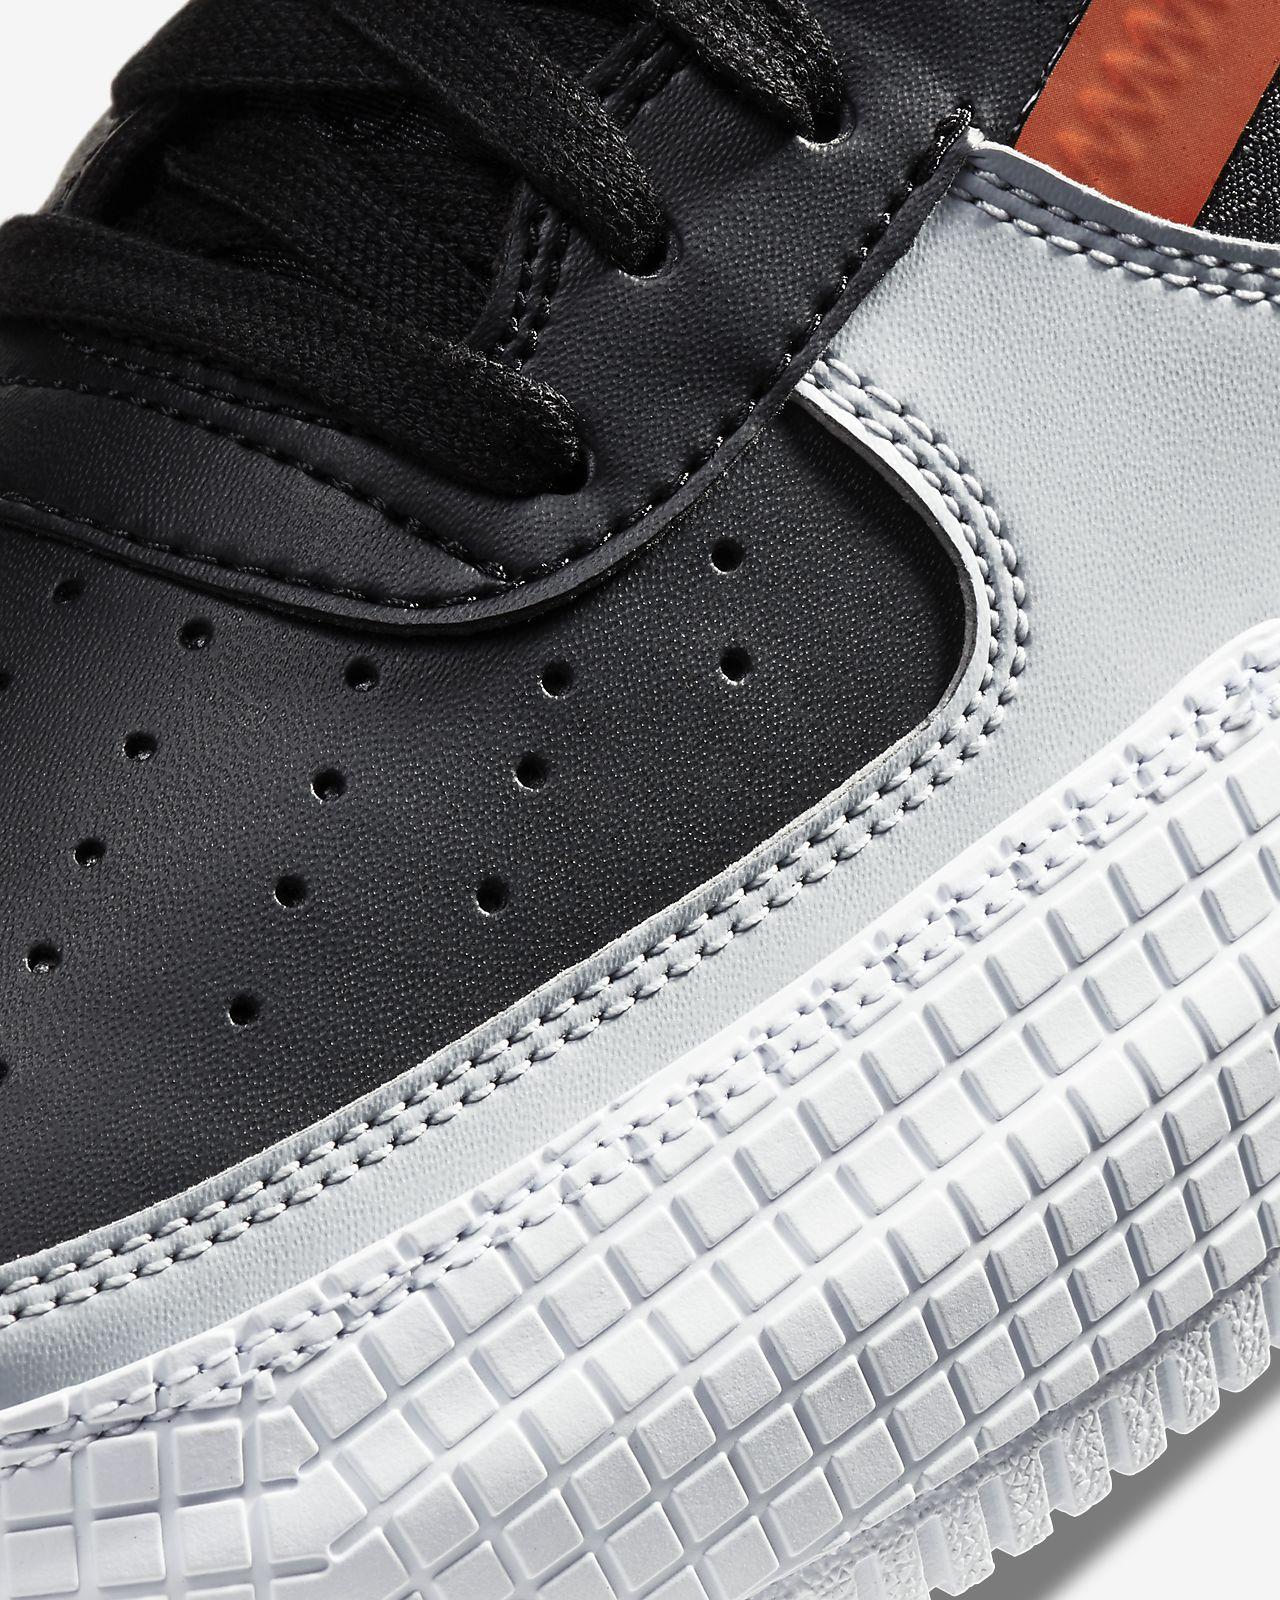 buty nike białe przerobione ręcznie